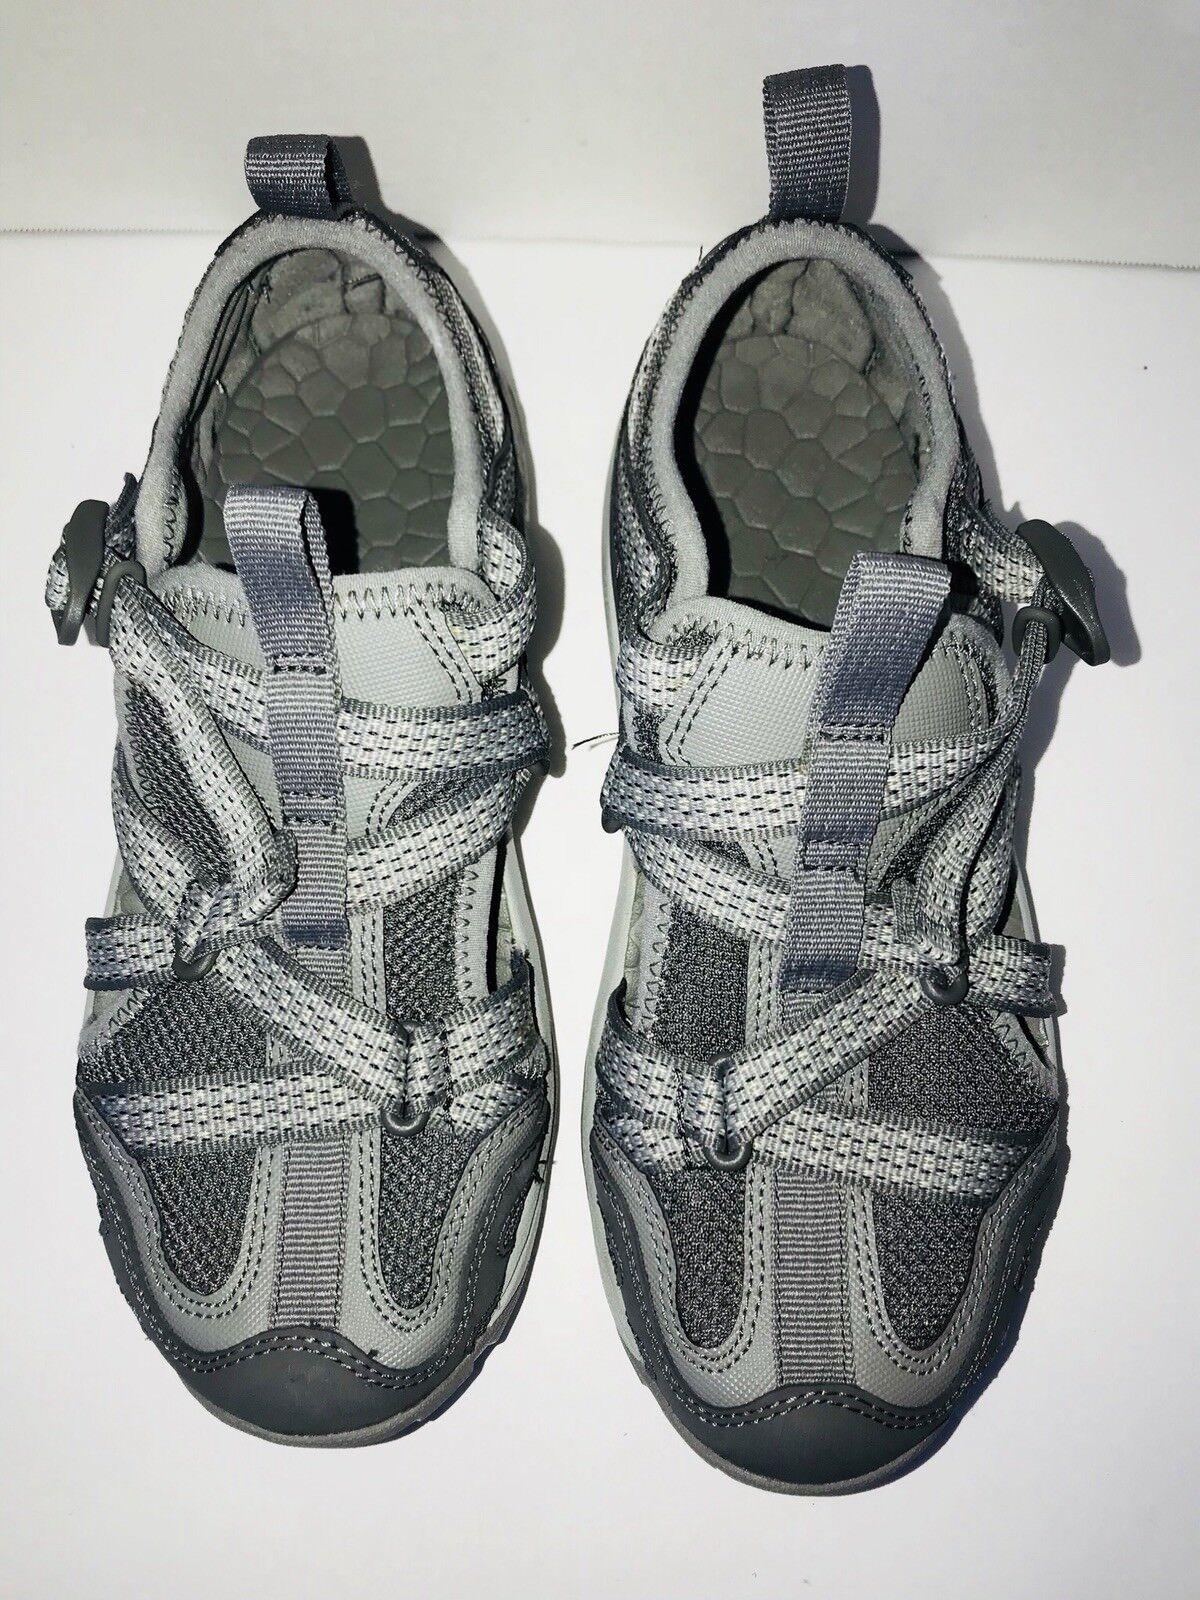 Chaco para mujer Talla 7 Vibram outcross outcross outcross pro Sendero Senderismo Sandalias Zapatos Deportivos Web  todos los bienes son especiales